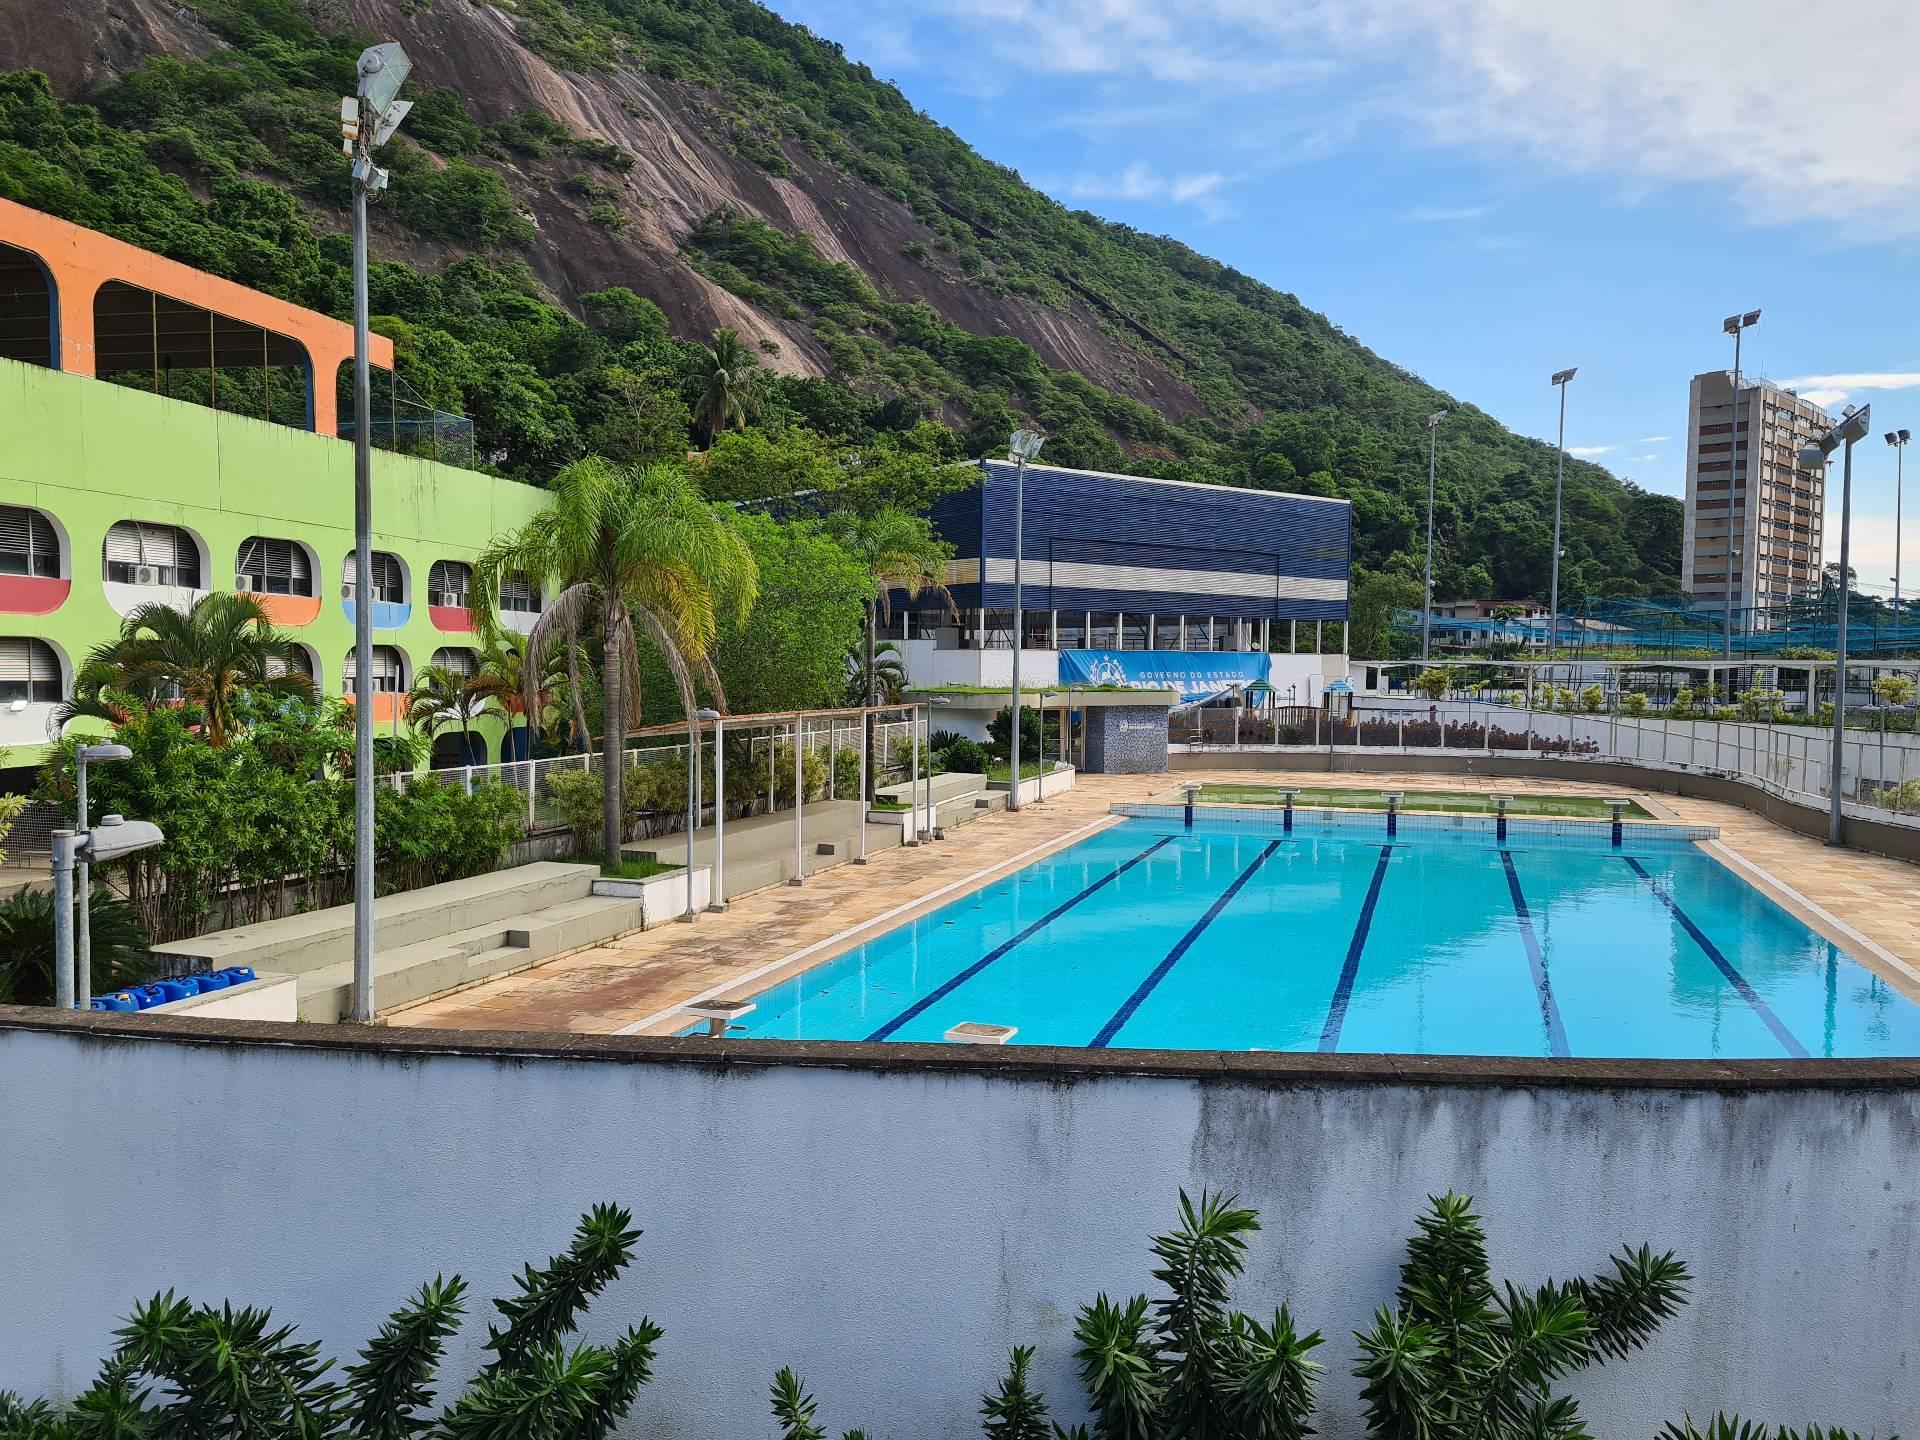 бассейн в спорткомплексе в фавеле Росинья